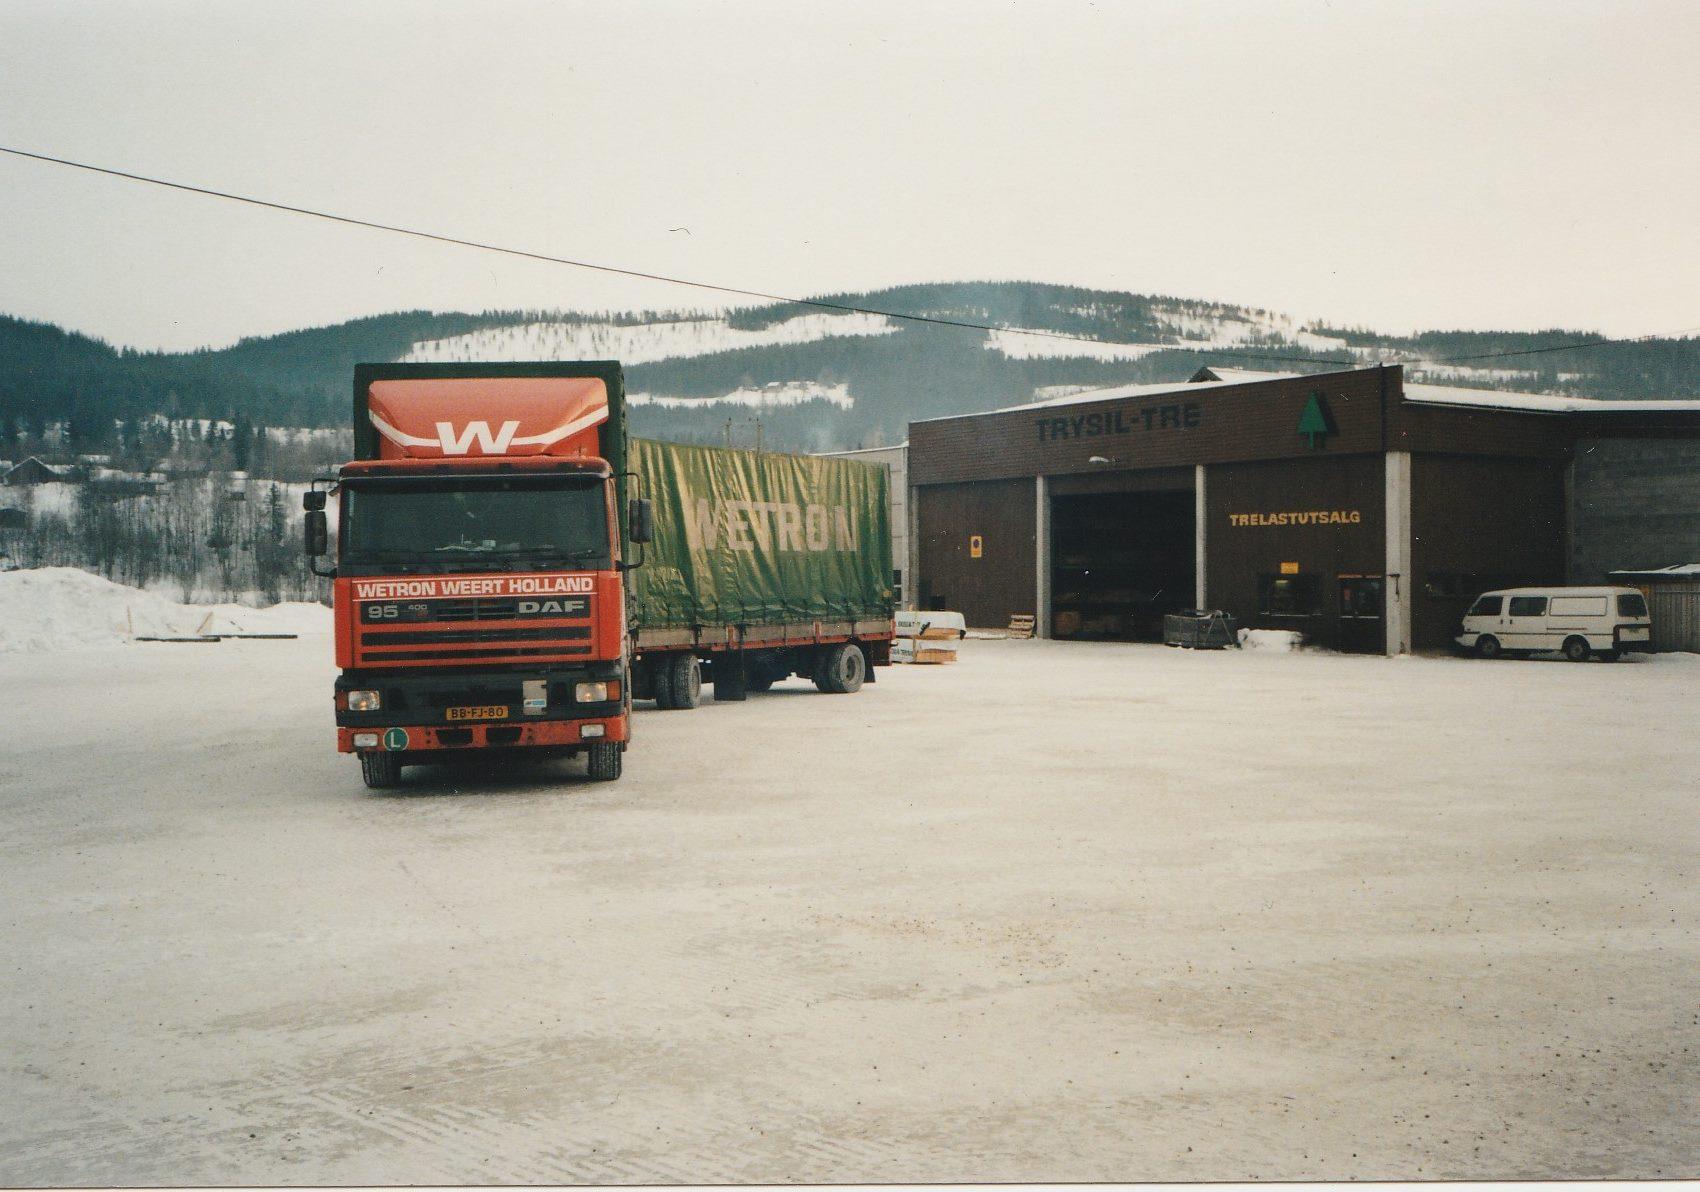 Hans-Anthonise--Een-Italie-ganger-verdwaald-in-Trysil-Noorwegen.-Tussen-Hamar-en-Trysil--23-graden-celcius--Hout-geladen-voor-Nederland--Midden-in-een-wintersportgebied--bij-de-skiliften6